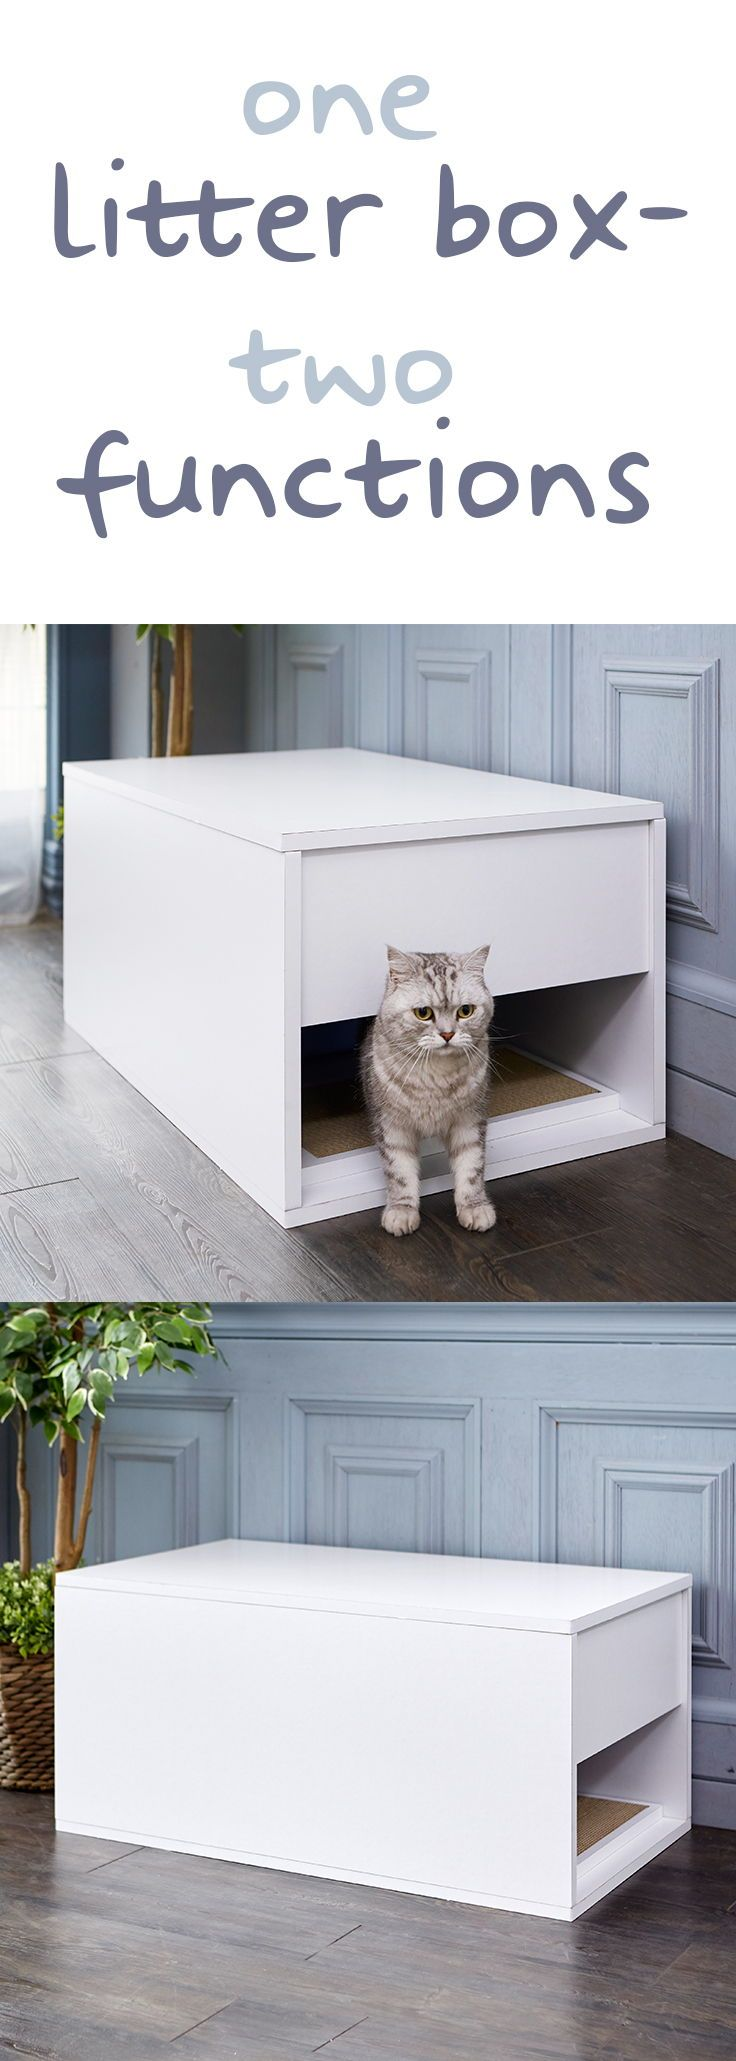 Best Space Saving Cat Litter Box Ideas Small Apartment Cat Cat Litter Box Litter Box